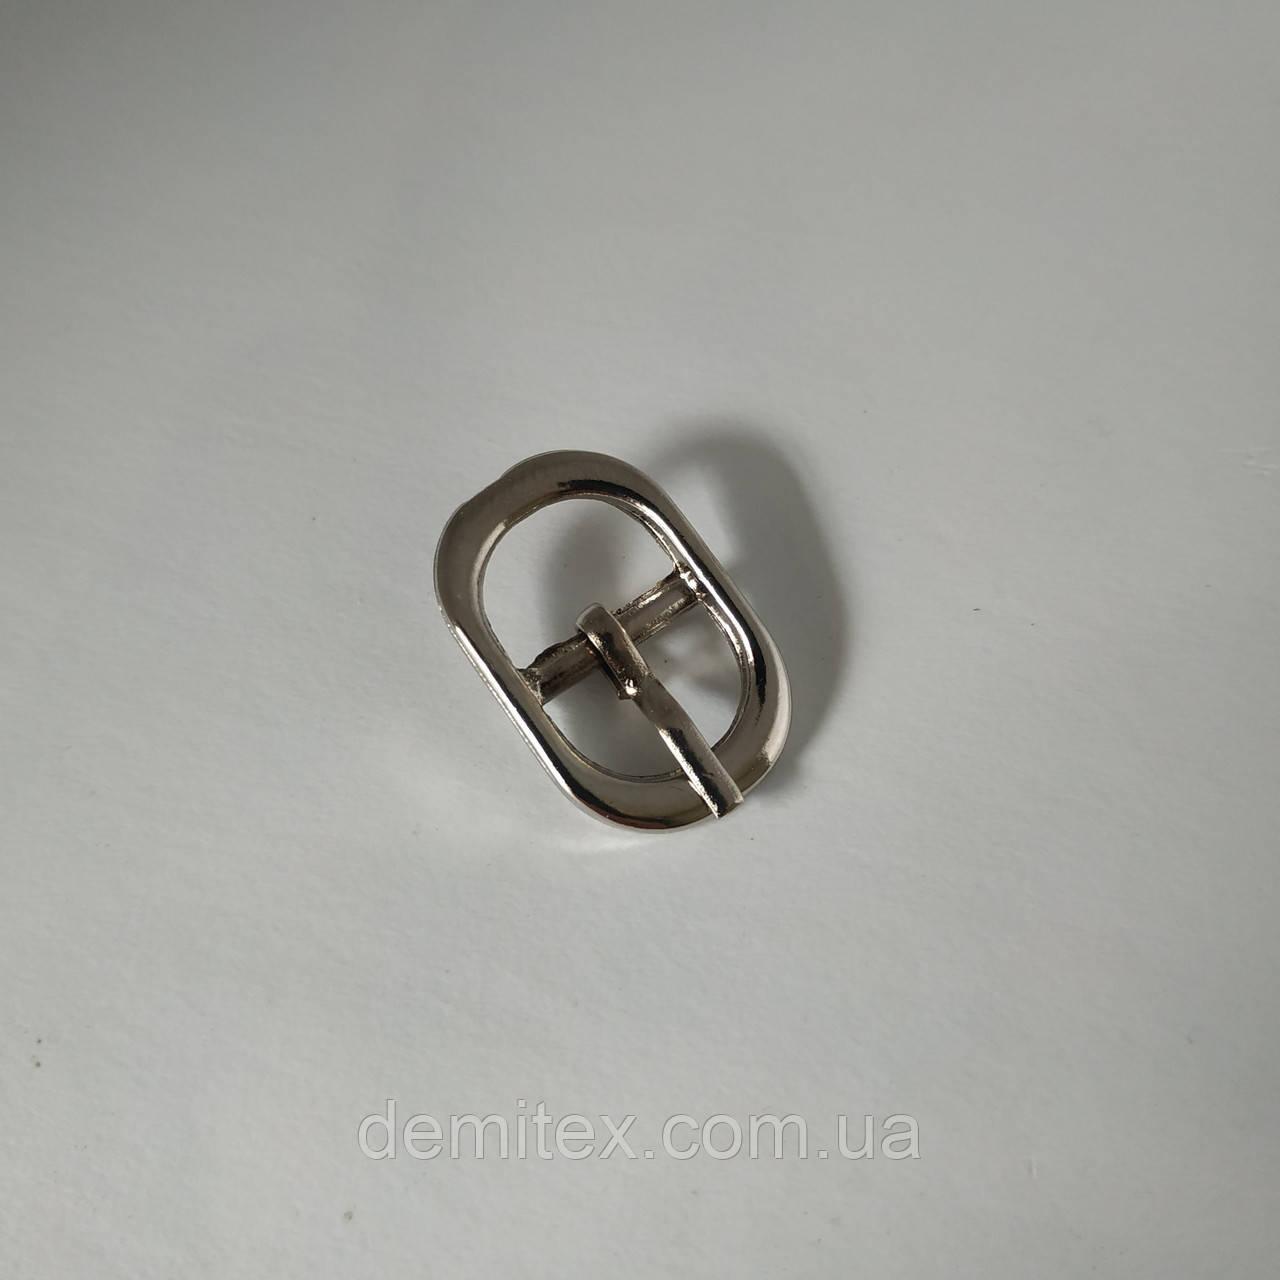 Пряжка взуттєва сандальная 12мм нікель